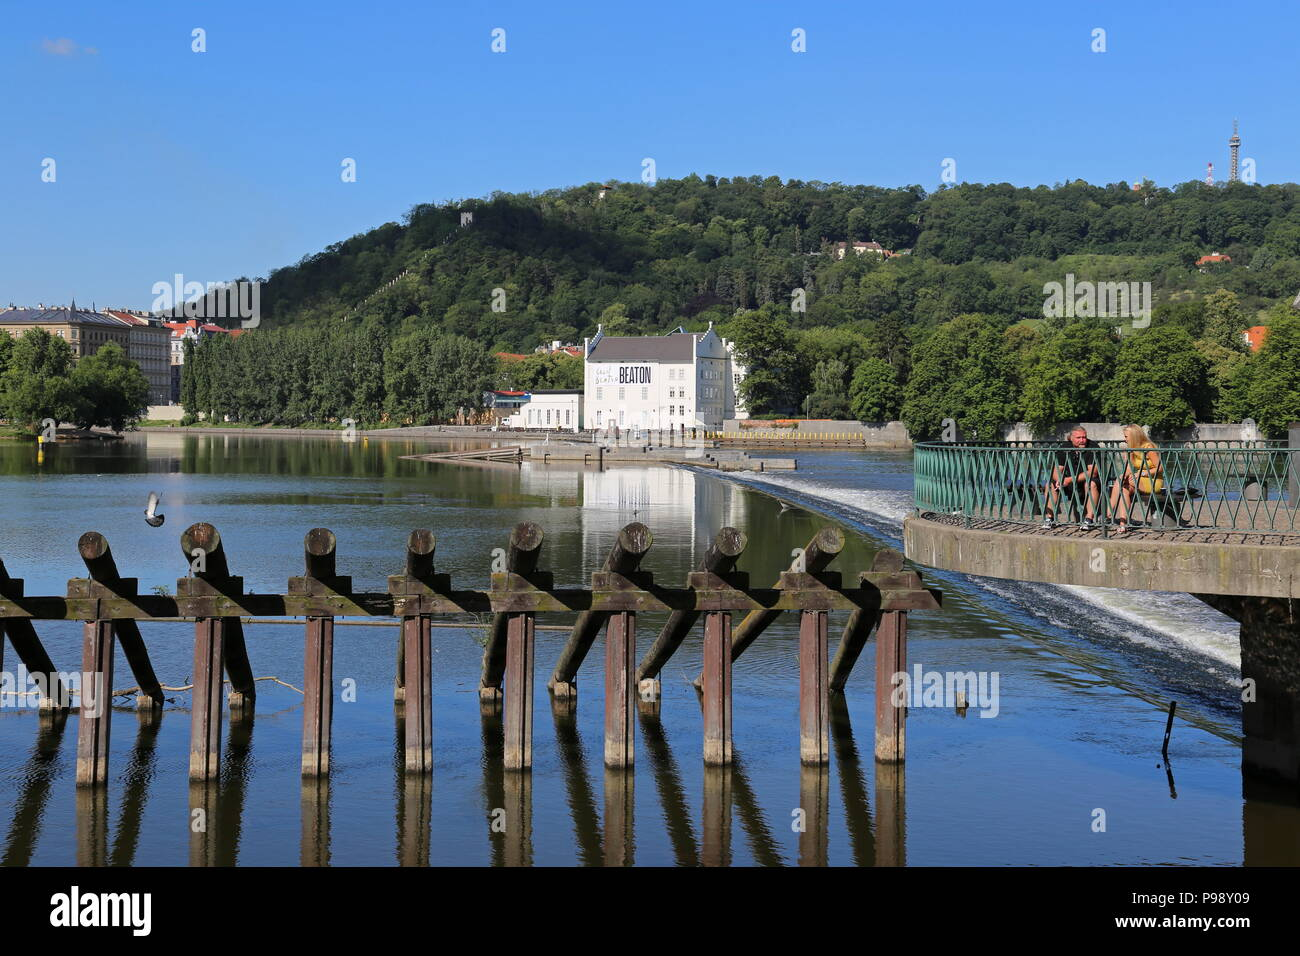 Kampa Museum of Modern Art  and Petřín Hill seen from across the Vltava river. Malá Strana (Little Quarter), Prague, Czechia (Czech Republic), Europe Stock Photo